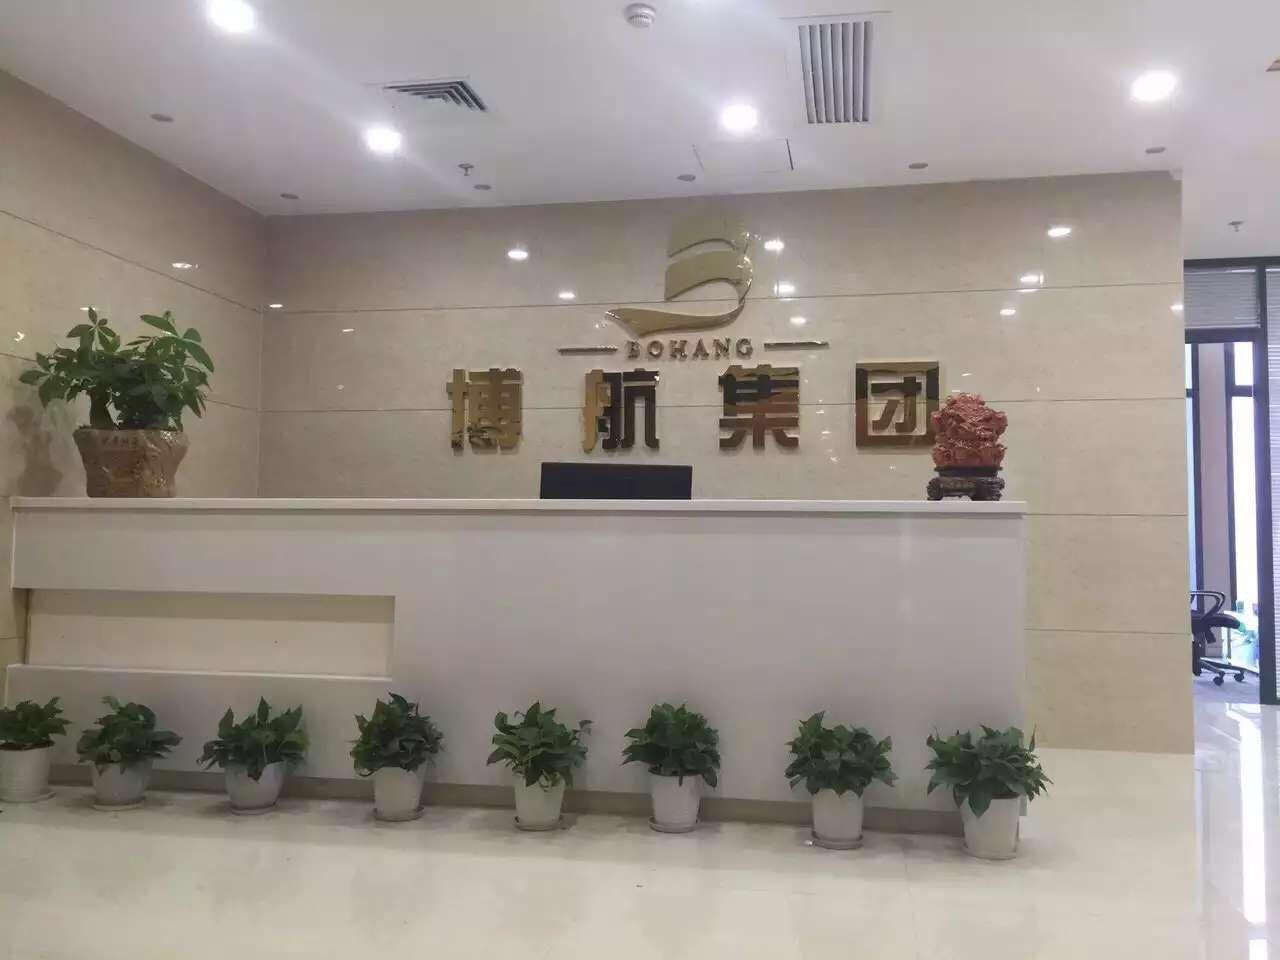 郴州博航有色金属经营有限公司